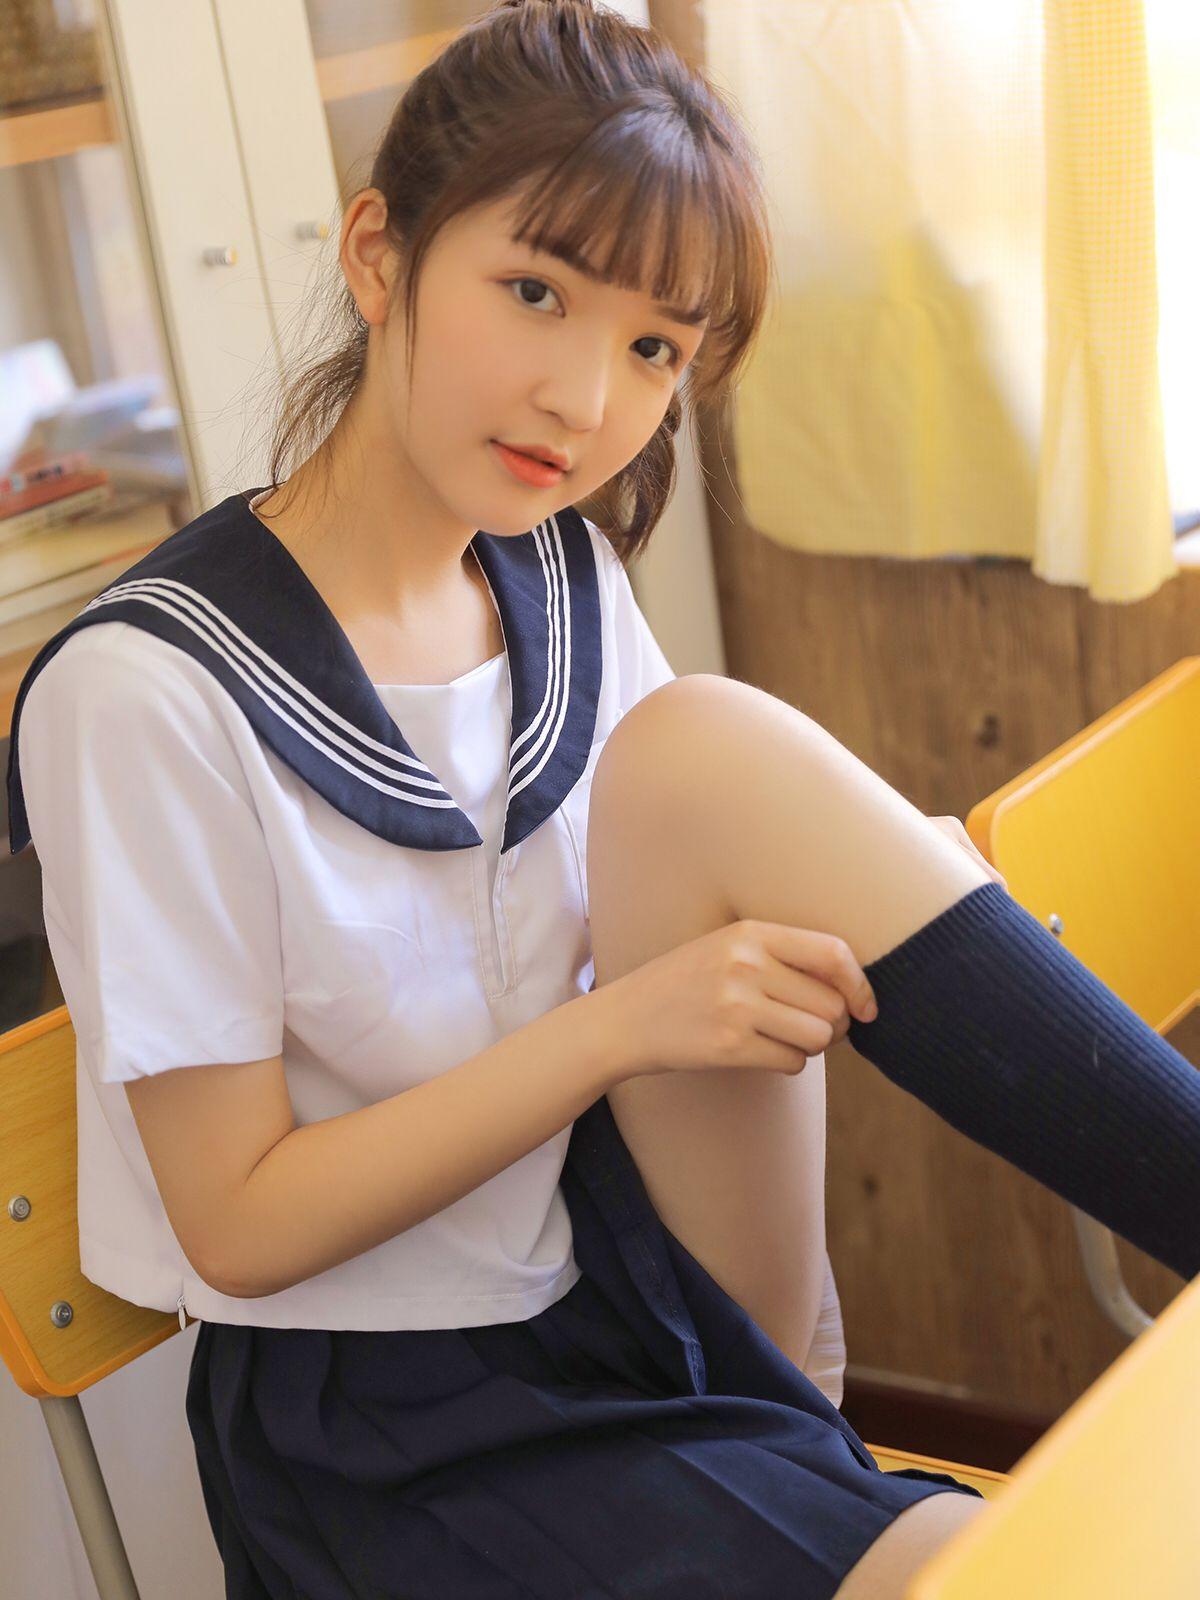 水手服美少女,翹腳穿襪子!!